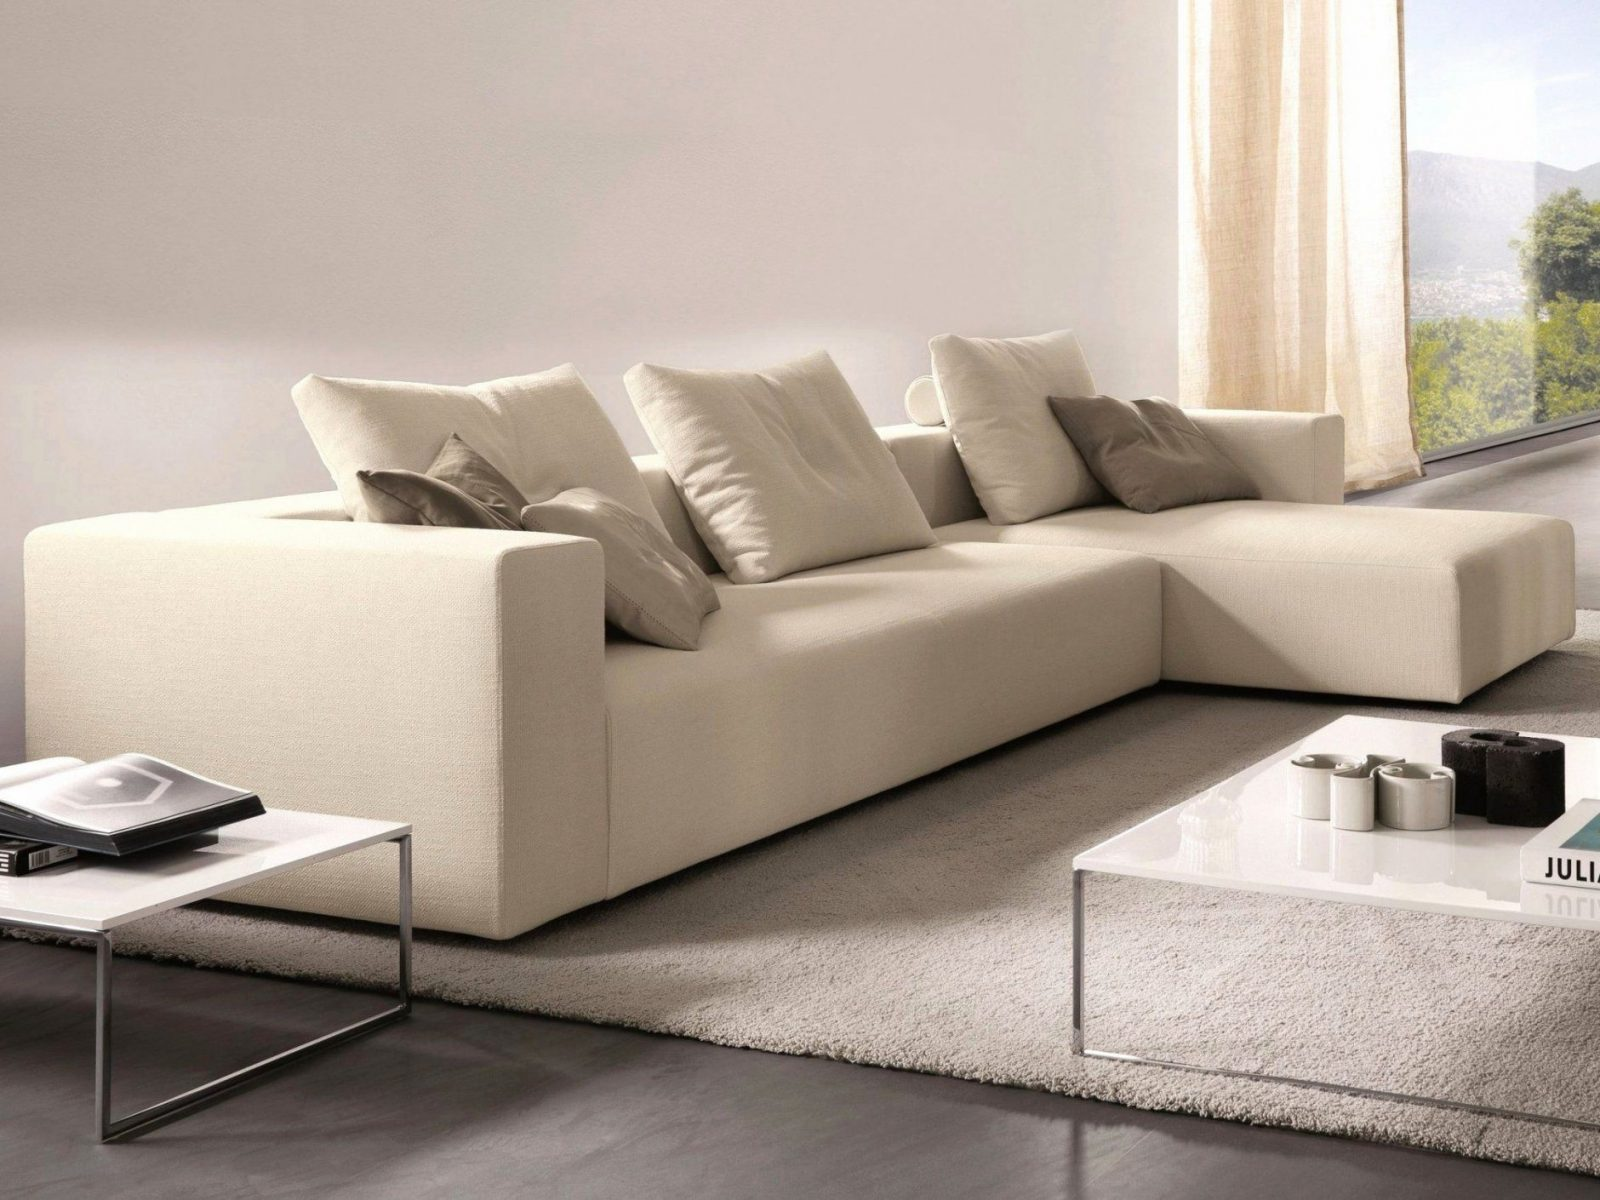 Sofa Design Ideen Und Bilder  Haazendesign von Sofaüberwurf Ecksofa Mit Ottomane Photo